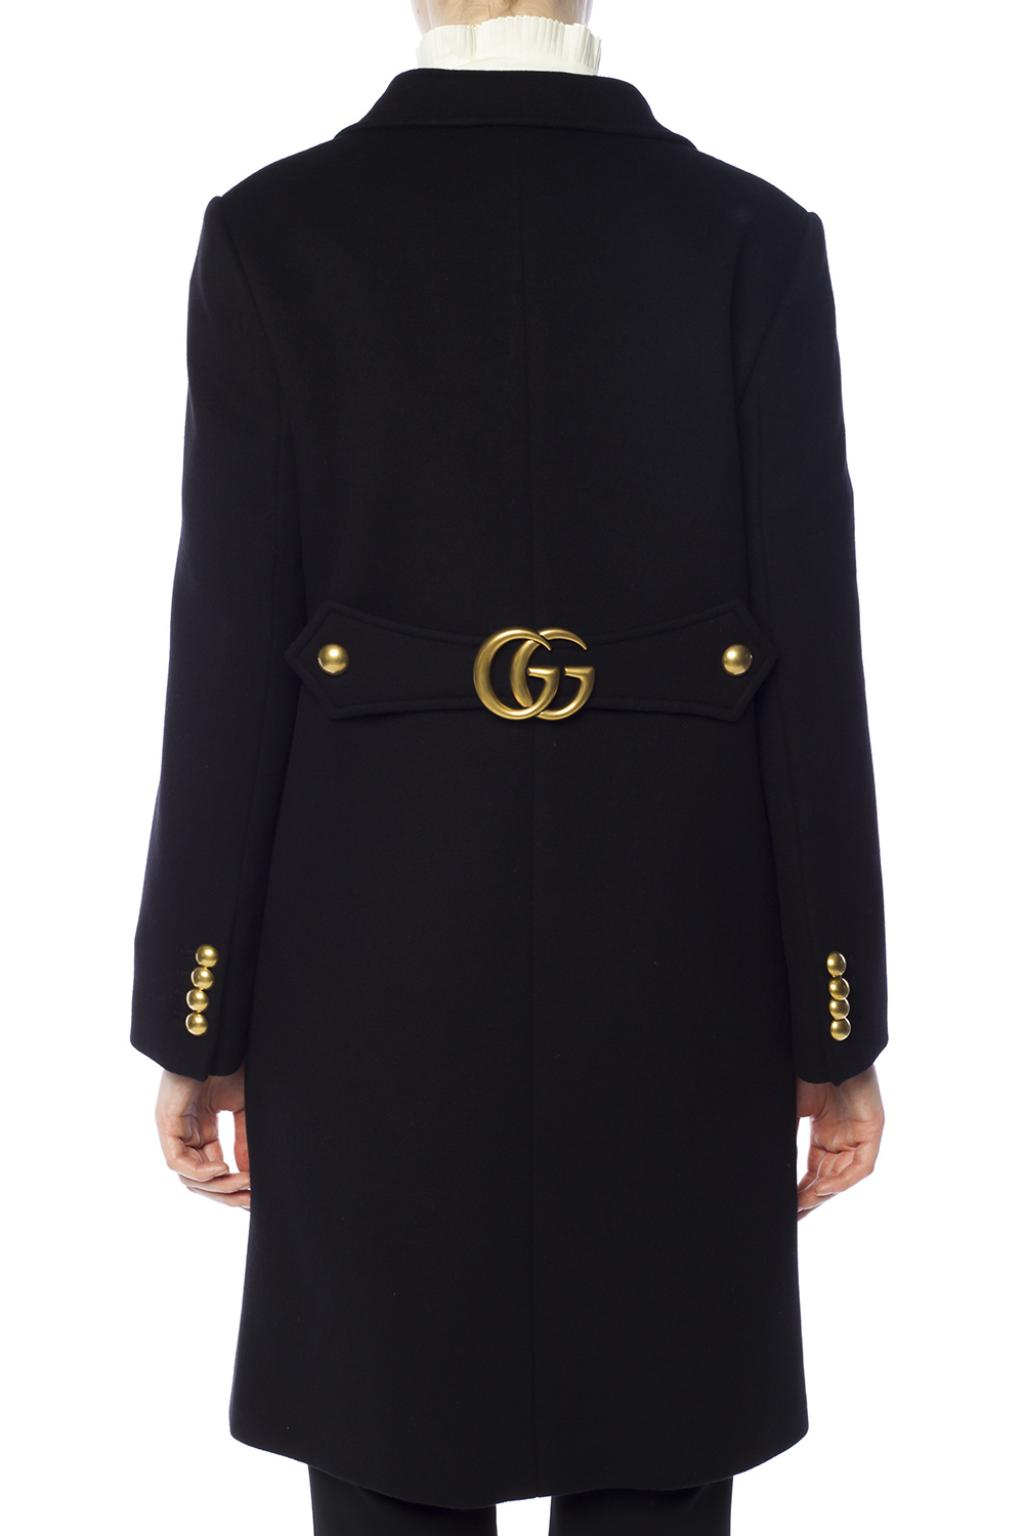 Gucci Woolen cloak